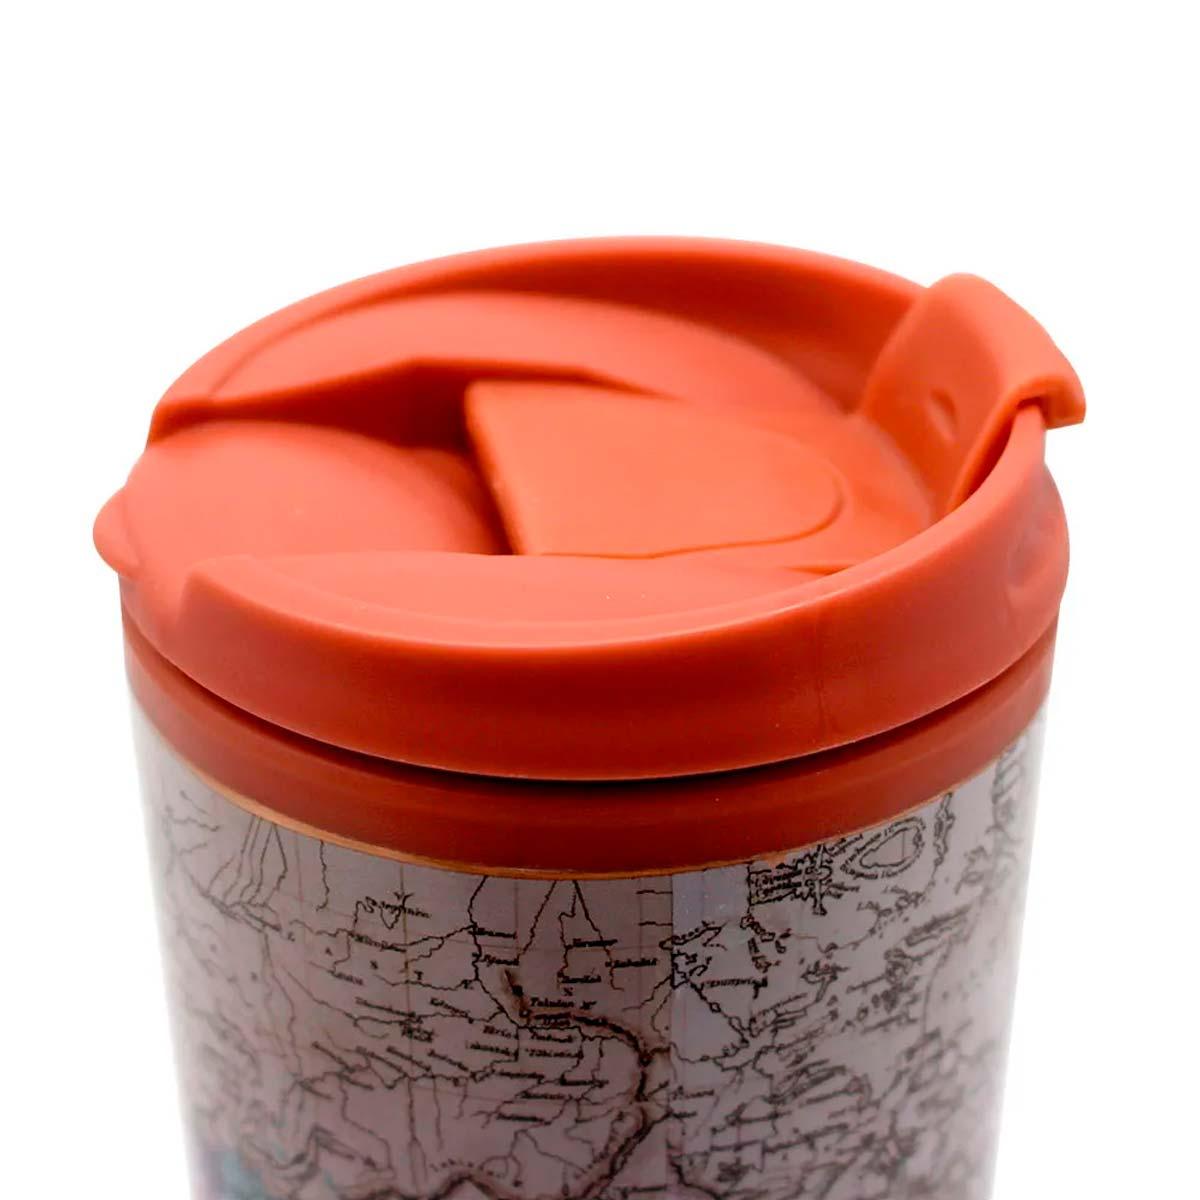 Copo Viagem Mapa Vintage - Viajar é um vício que faz bem